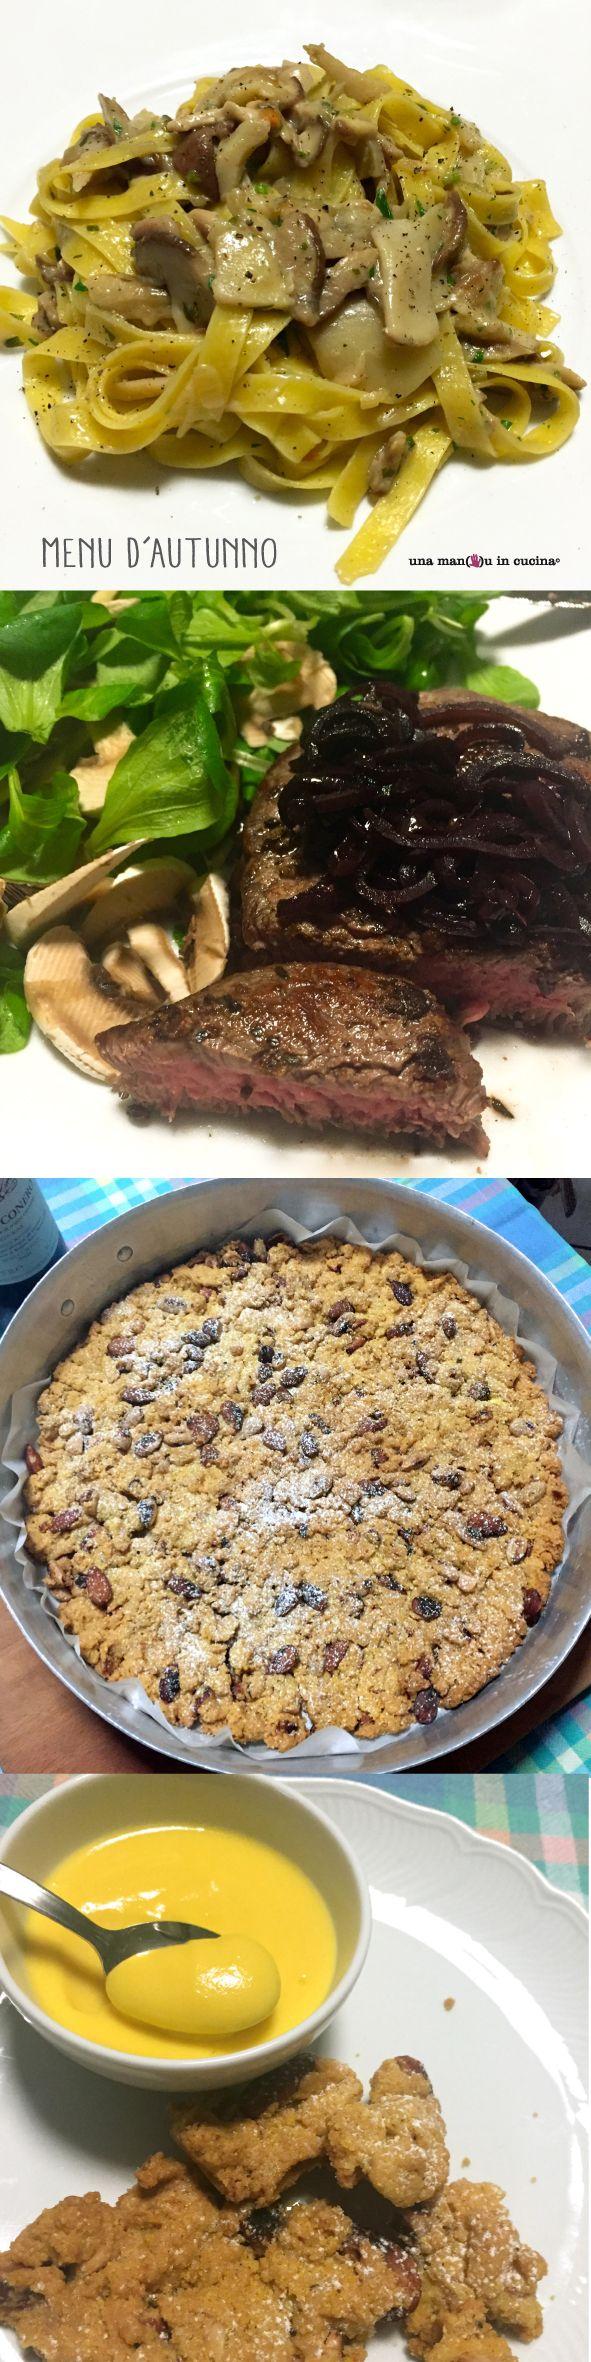 menu d'autunno: - tagliatelle ai funghi porcini - filetto di manzo con scalogno al vino rosso e aceto balsamico - torta sbrisolona con zabaione al rhum